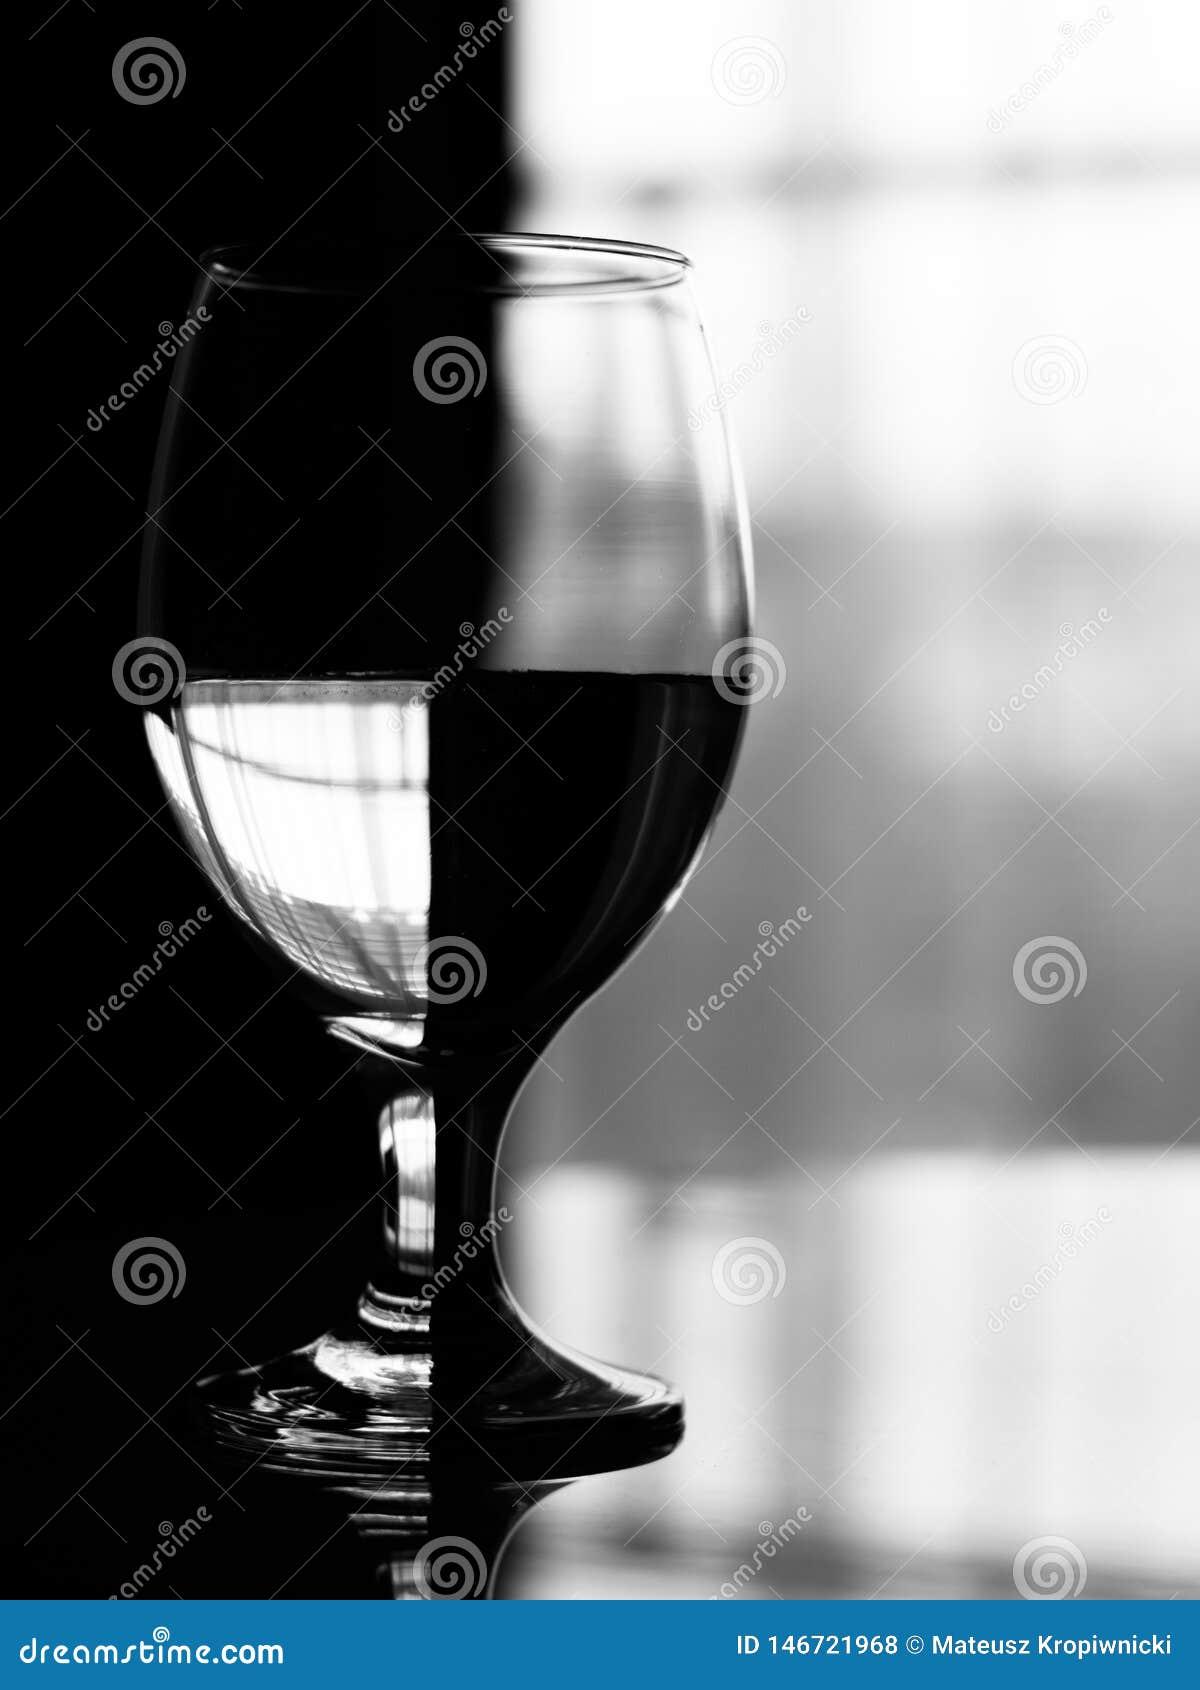 Καλλιτεχνική επίδραση στο γυαλί κρασιού που γεμίζουν με το νερό